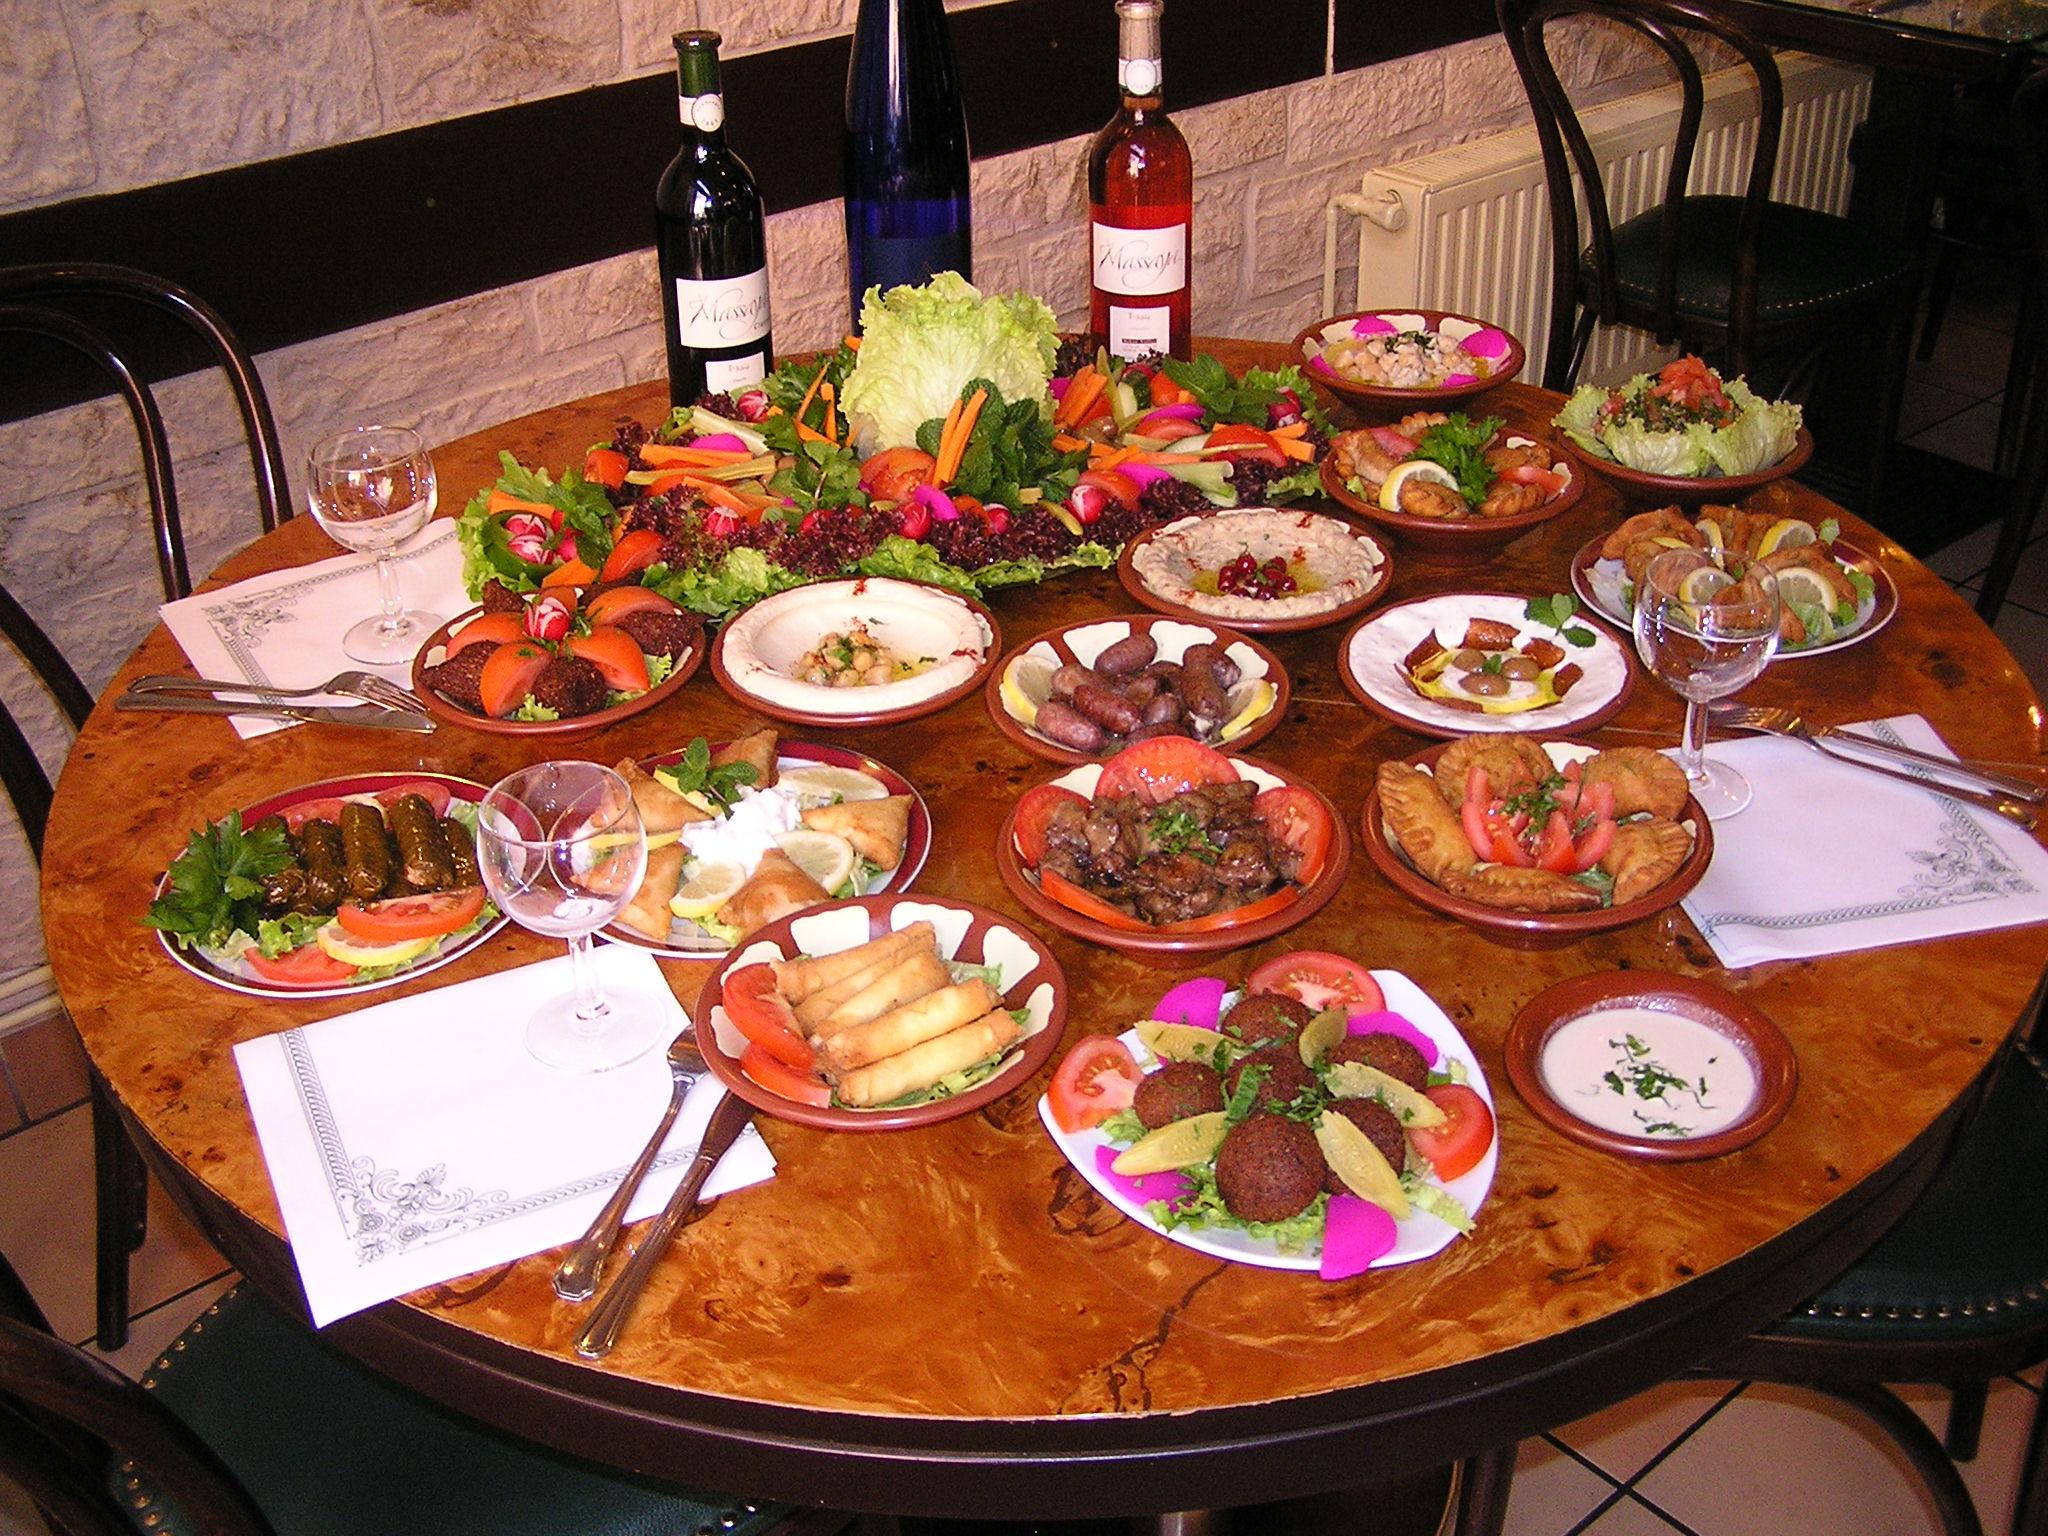 Accueil - Bienvenue au Restaurant le Cèdre - Grenoble - Spécialités on